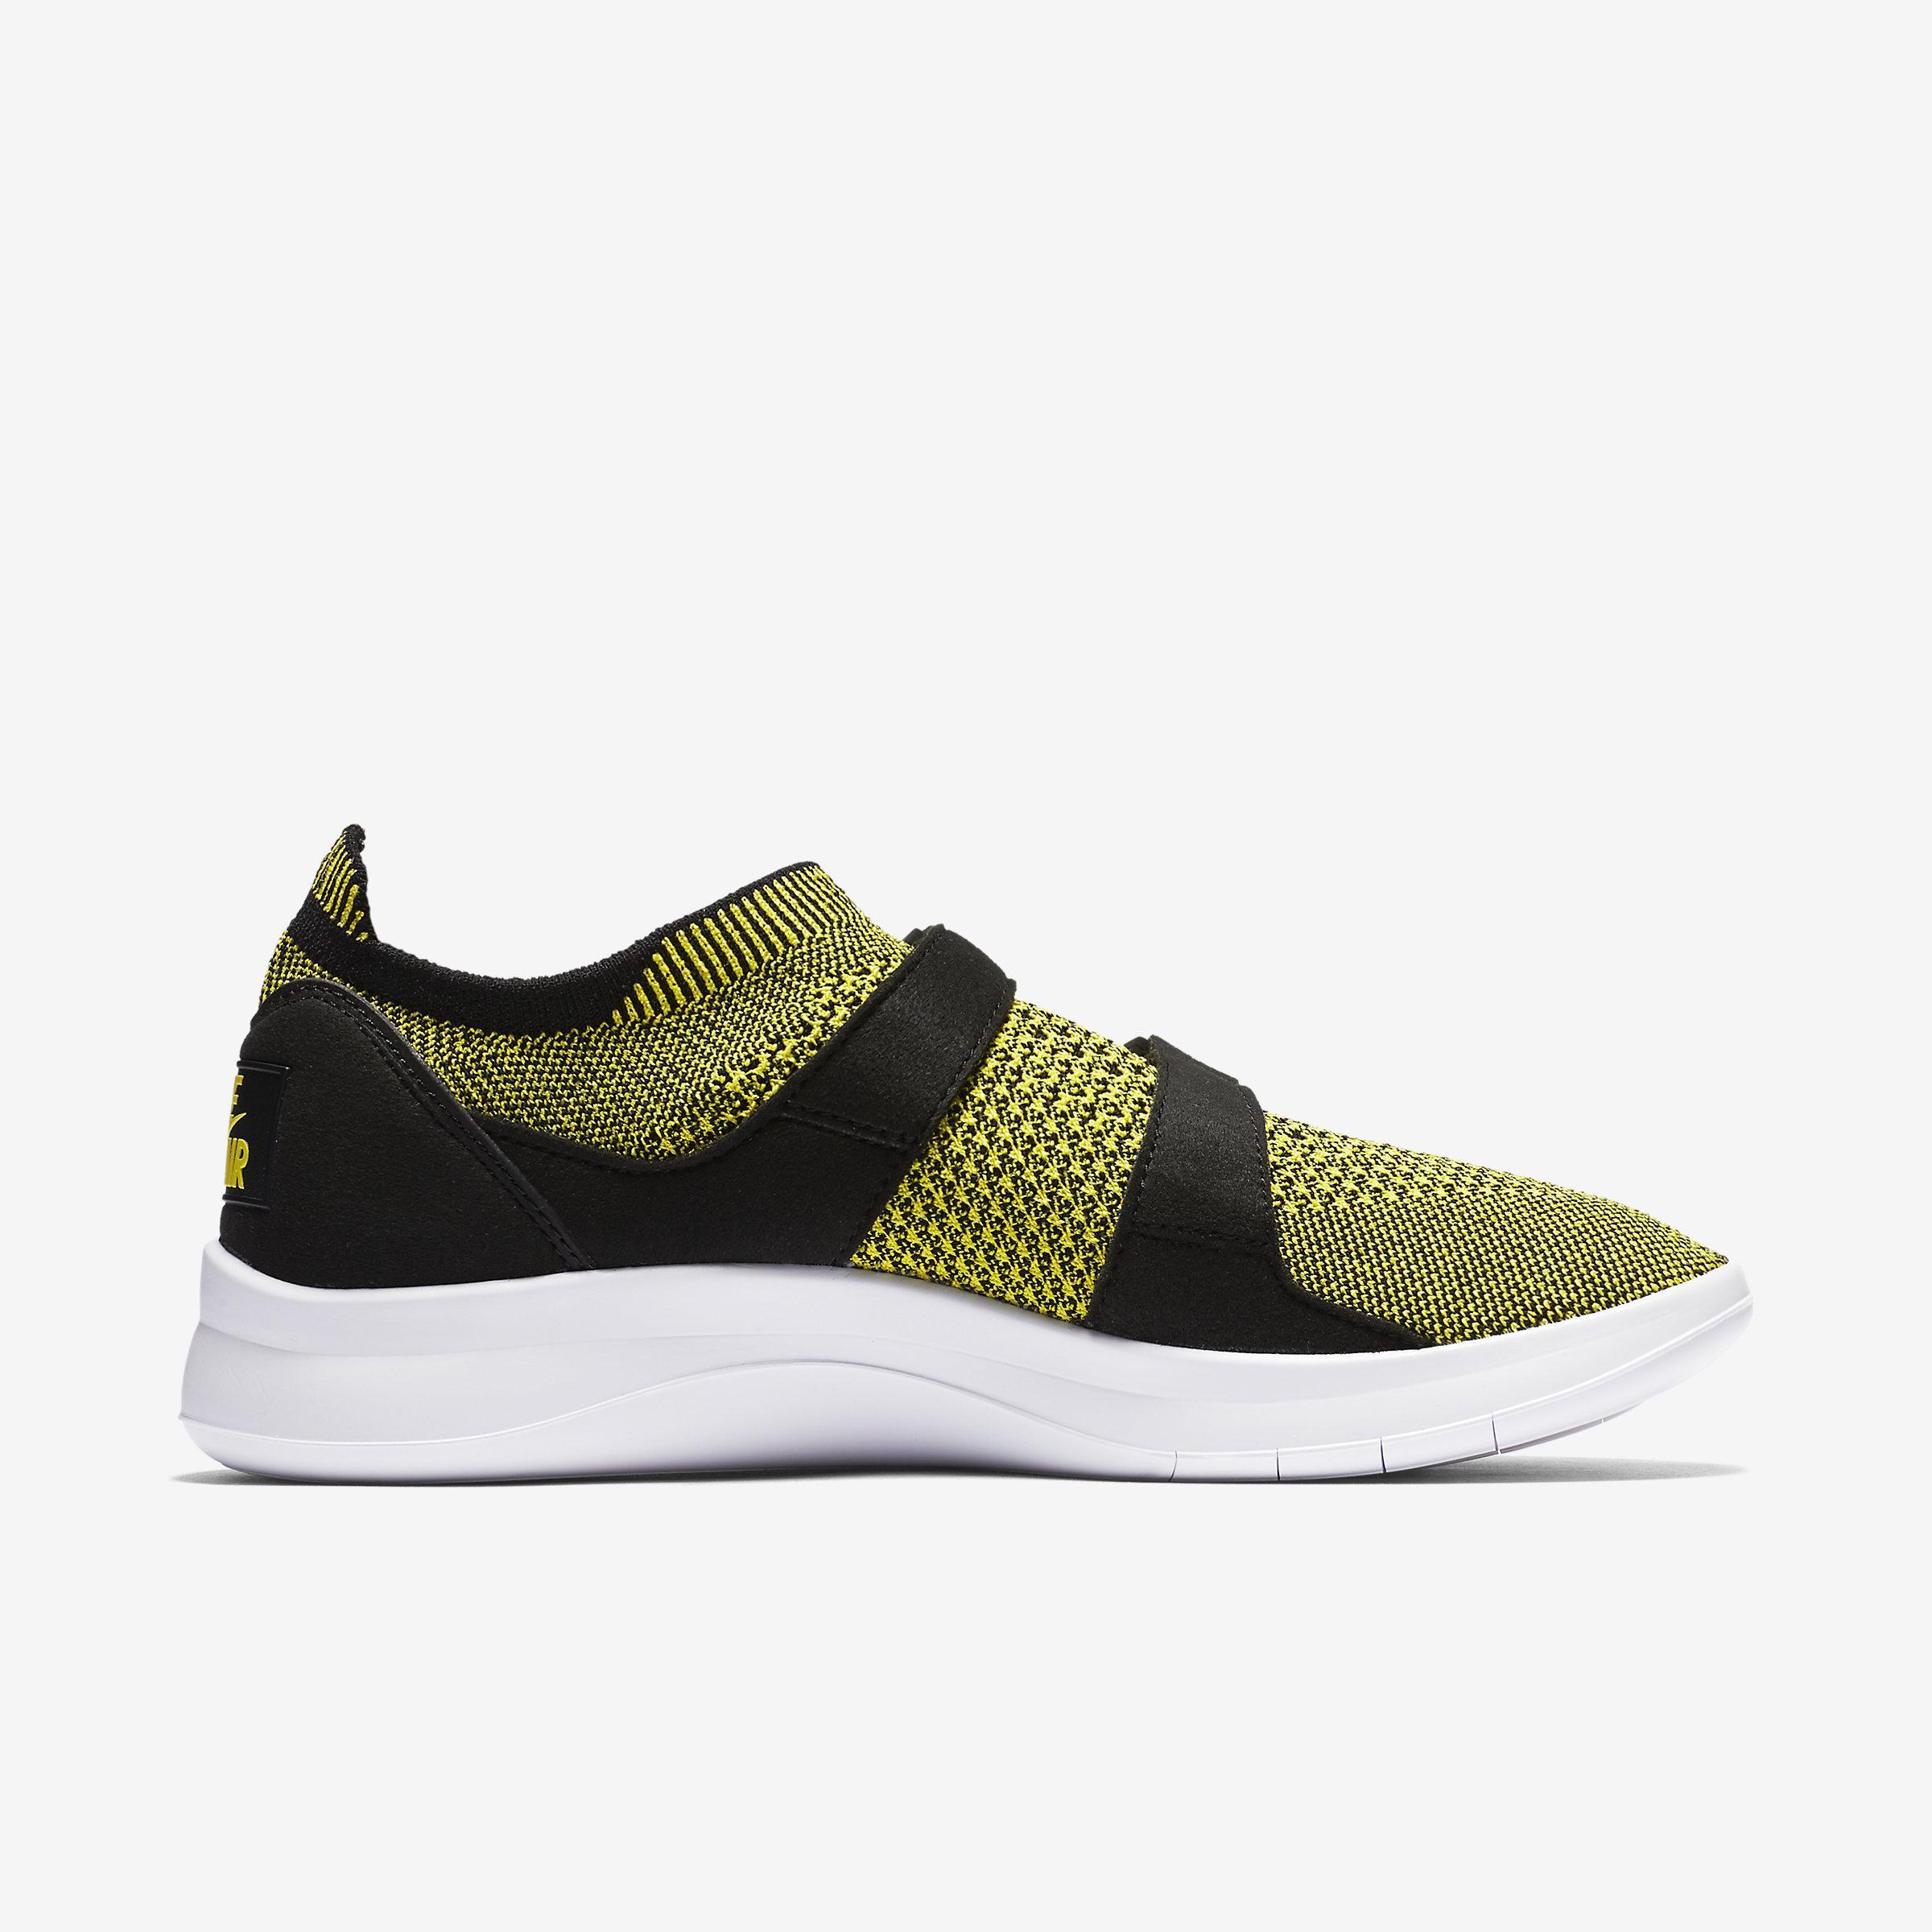 Nike Air Sock Racer Ultra Flyknit for Men